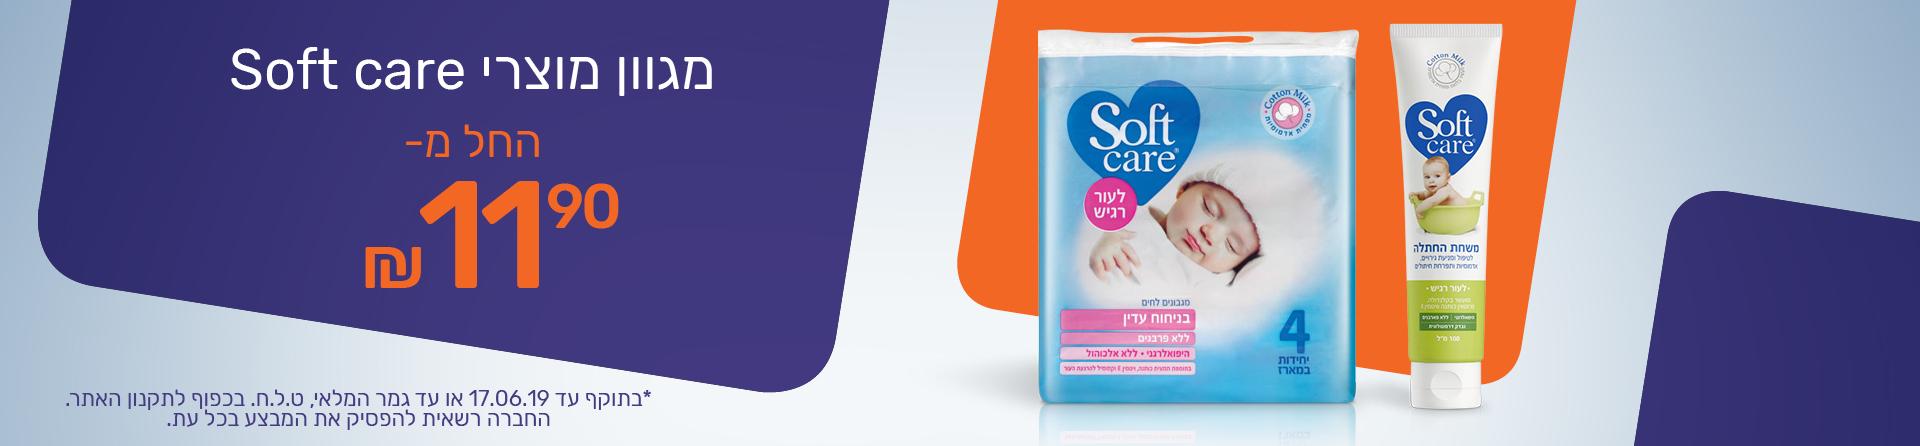 סופטקר - Soft Care